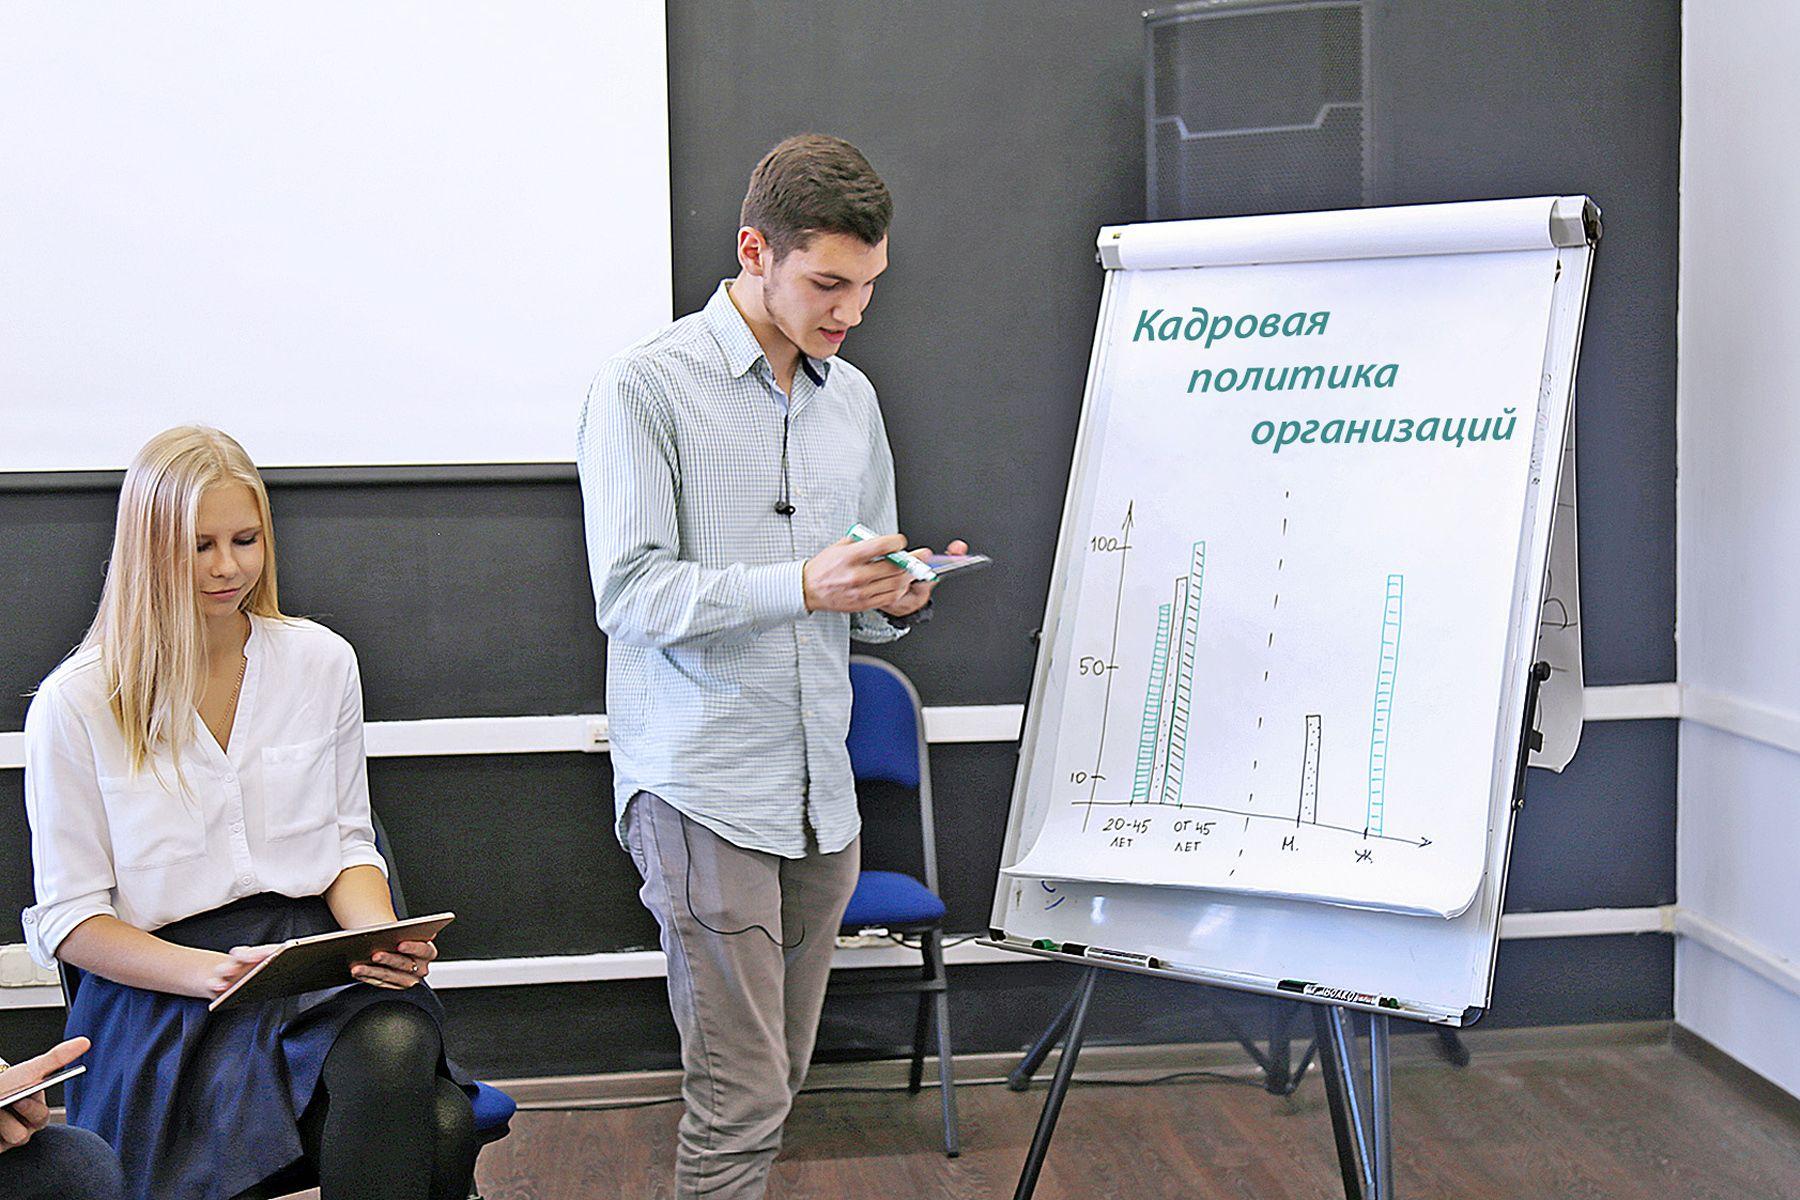 Проектная работа: студенты кафедры экономики и управления ВГУЭС работают над вопросами кадровой политики организаций Приморского края